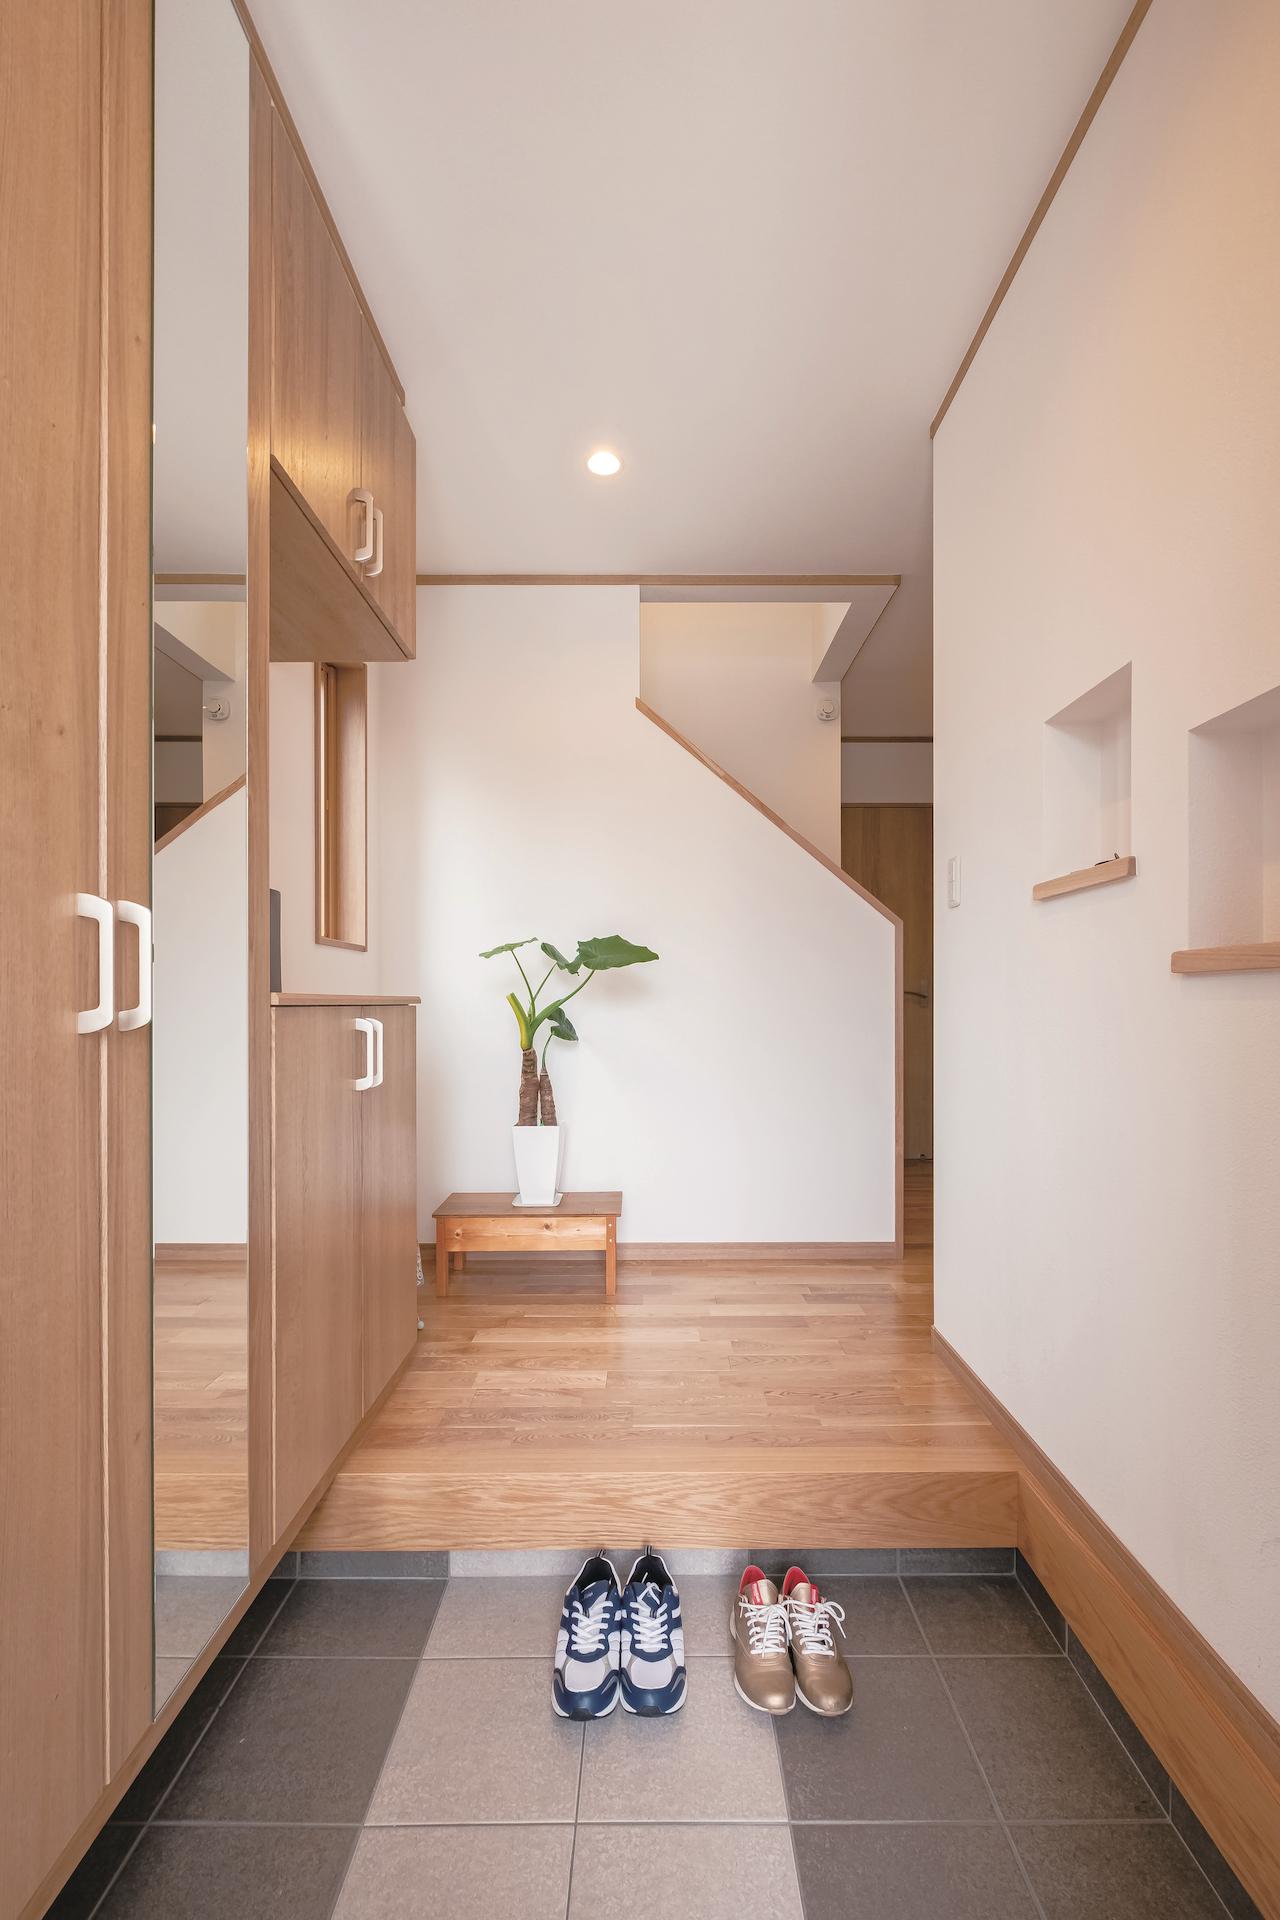 興友ハウス【二世帯住宅、趣味、間取り】広く明るい玄関。左側はシューズクローゼットになっており、十分な収納力がある